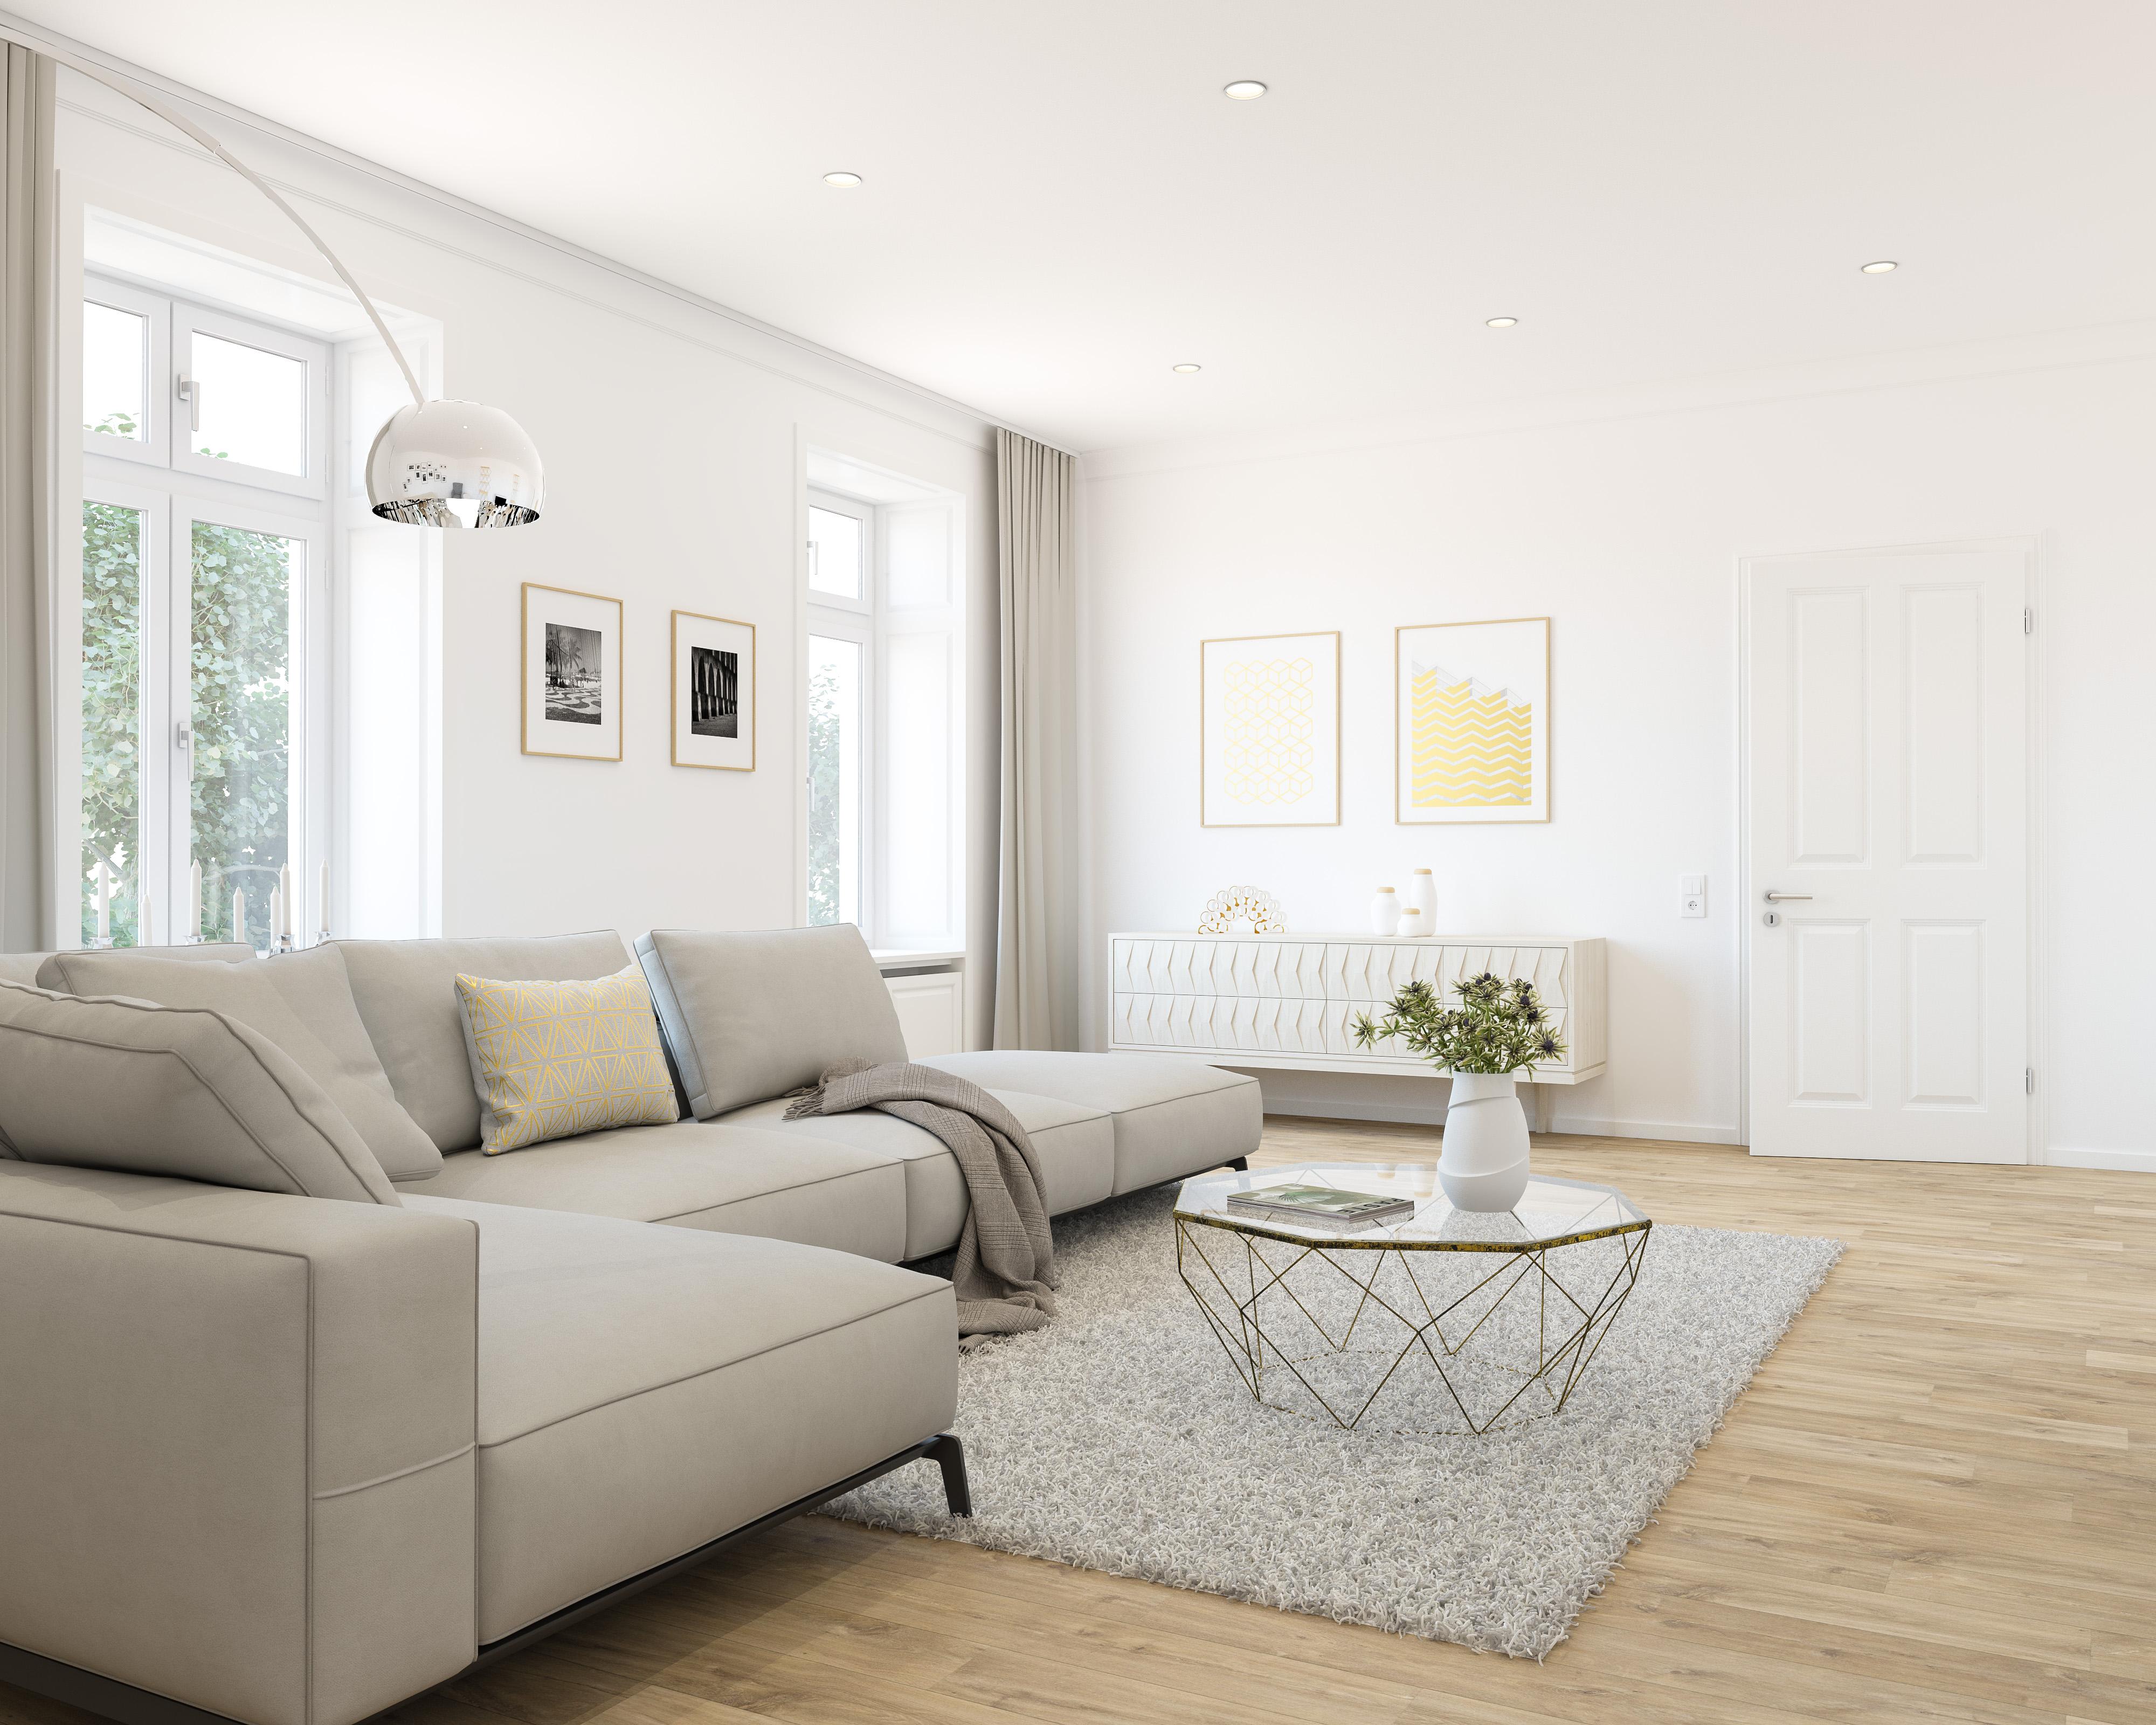 Sanierungsstandard-Wohnzimmer